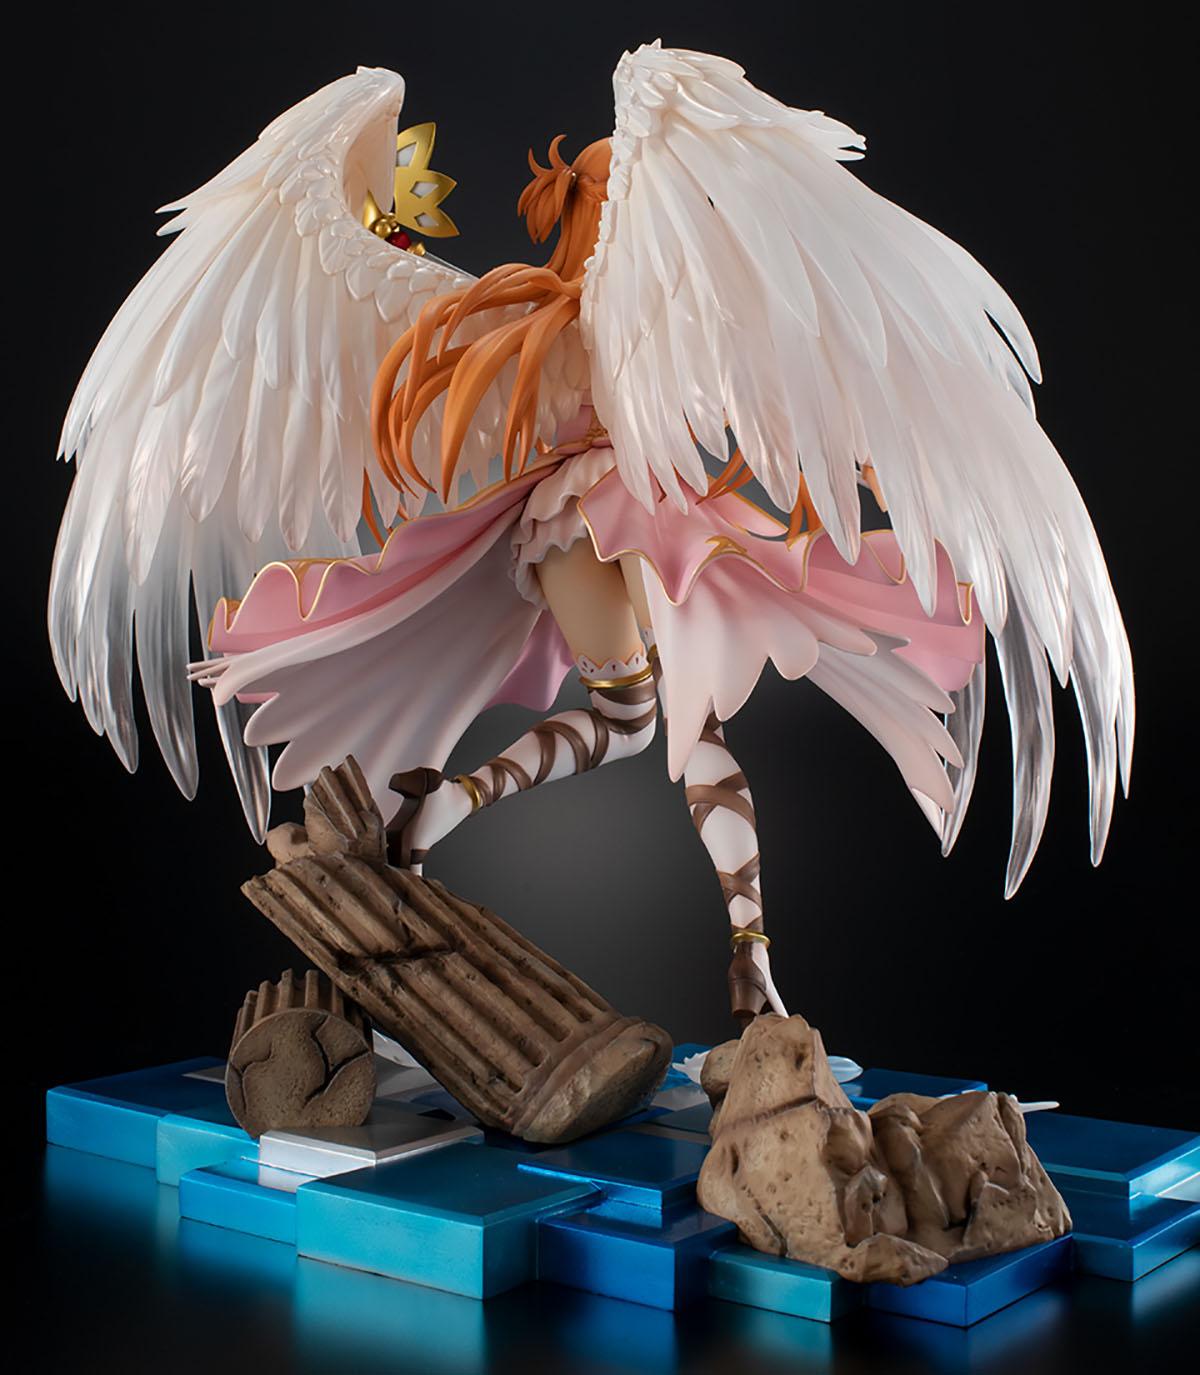 【限定販売】ソードアート・オンライン『アスナ -癒しの天使Ver-』1/7 完成品フィギュア-008